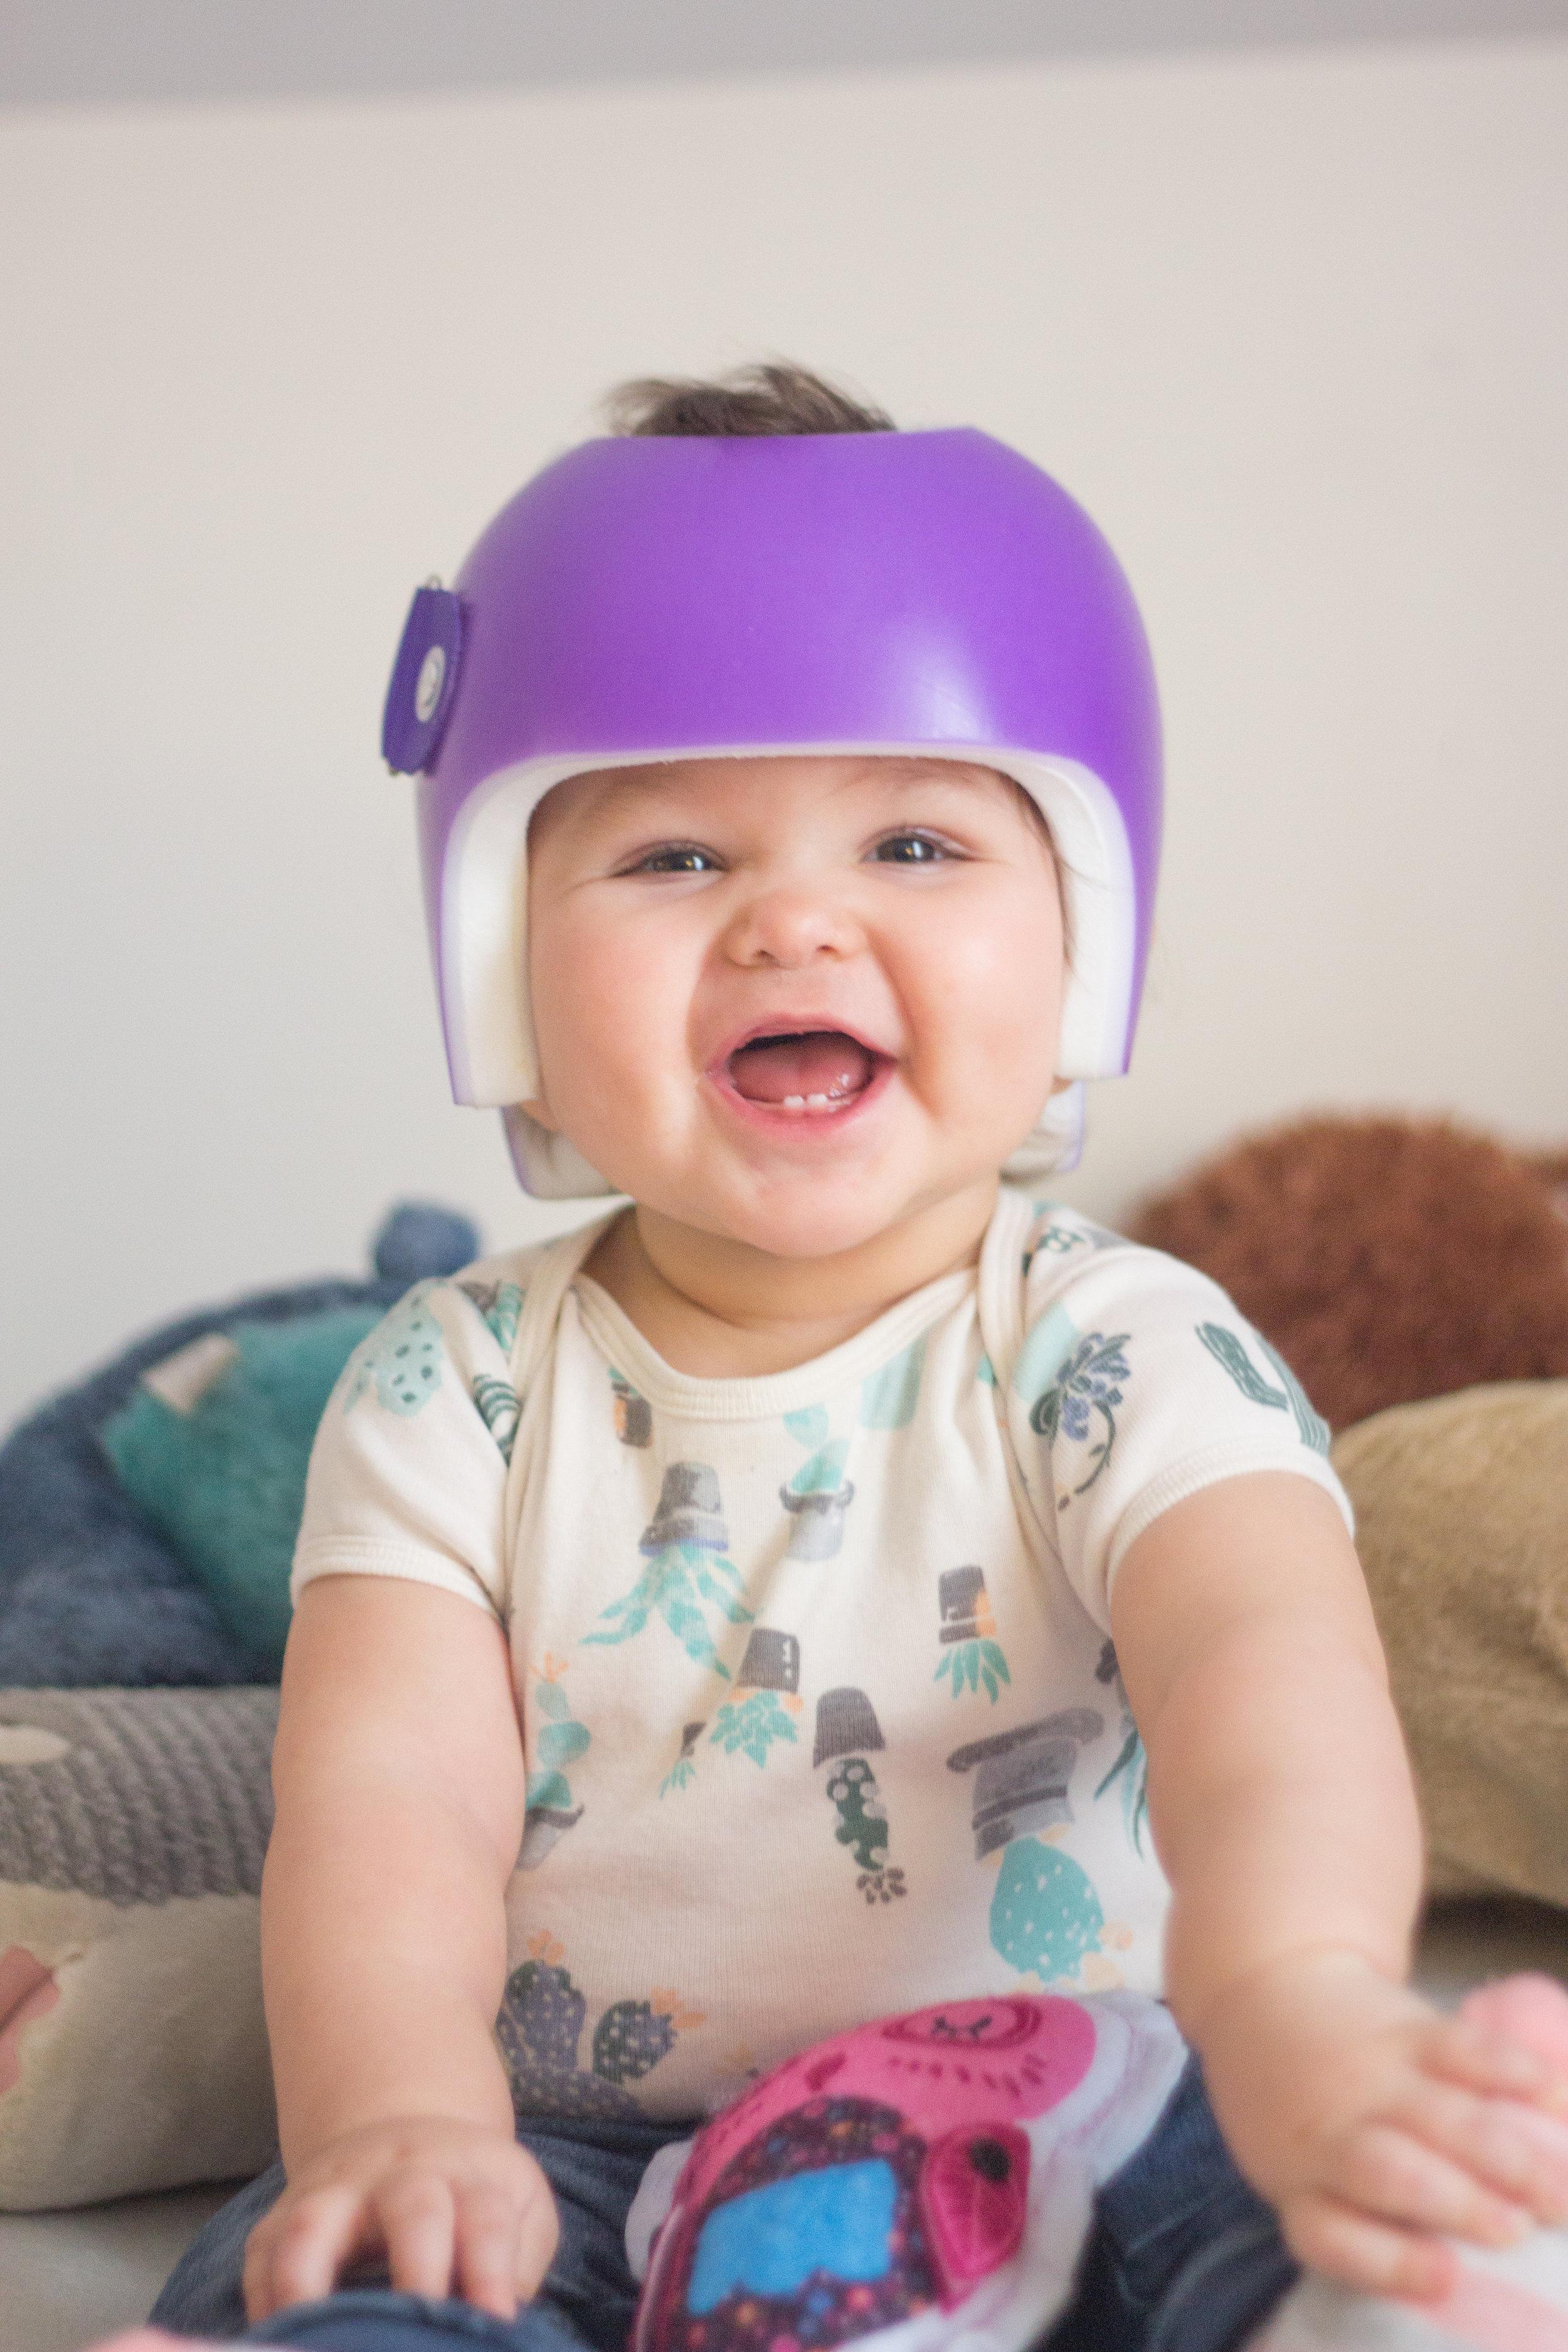 Starband Plagiocephaly Treatment Helmet